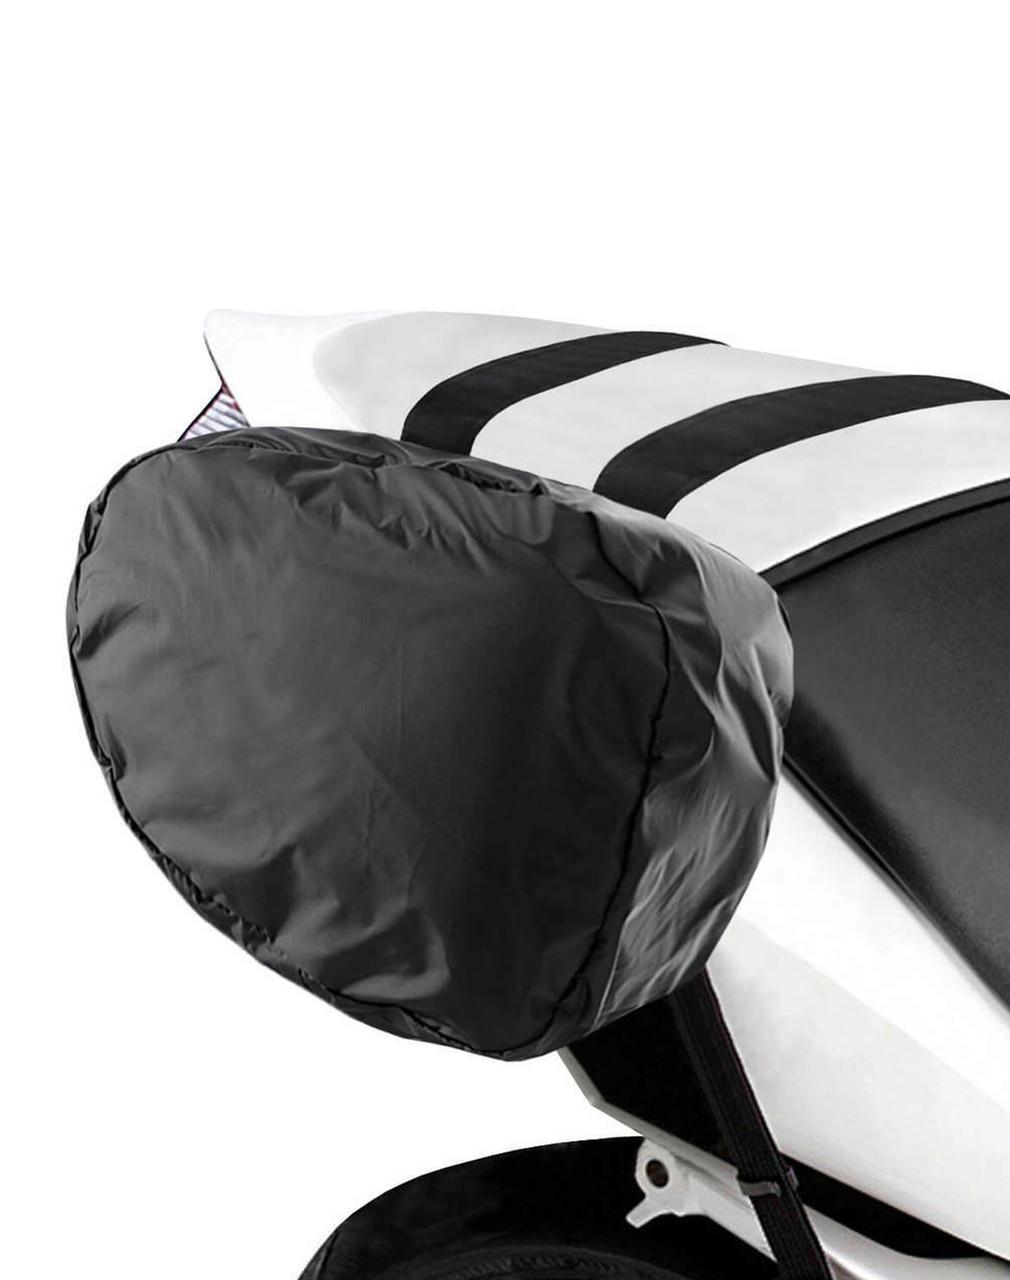 Viking Mini Expandable Black Motorcycle Triumph Bonneville T120 Saddlebags Rain Cover